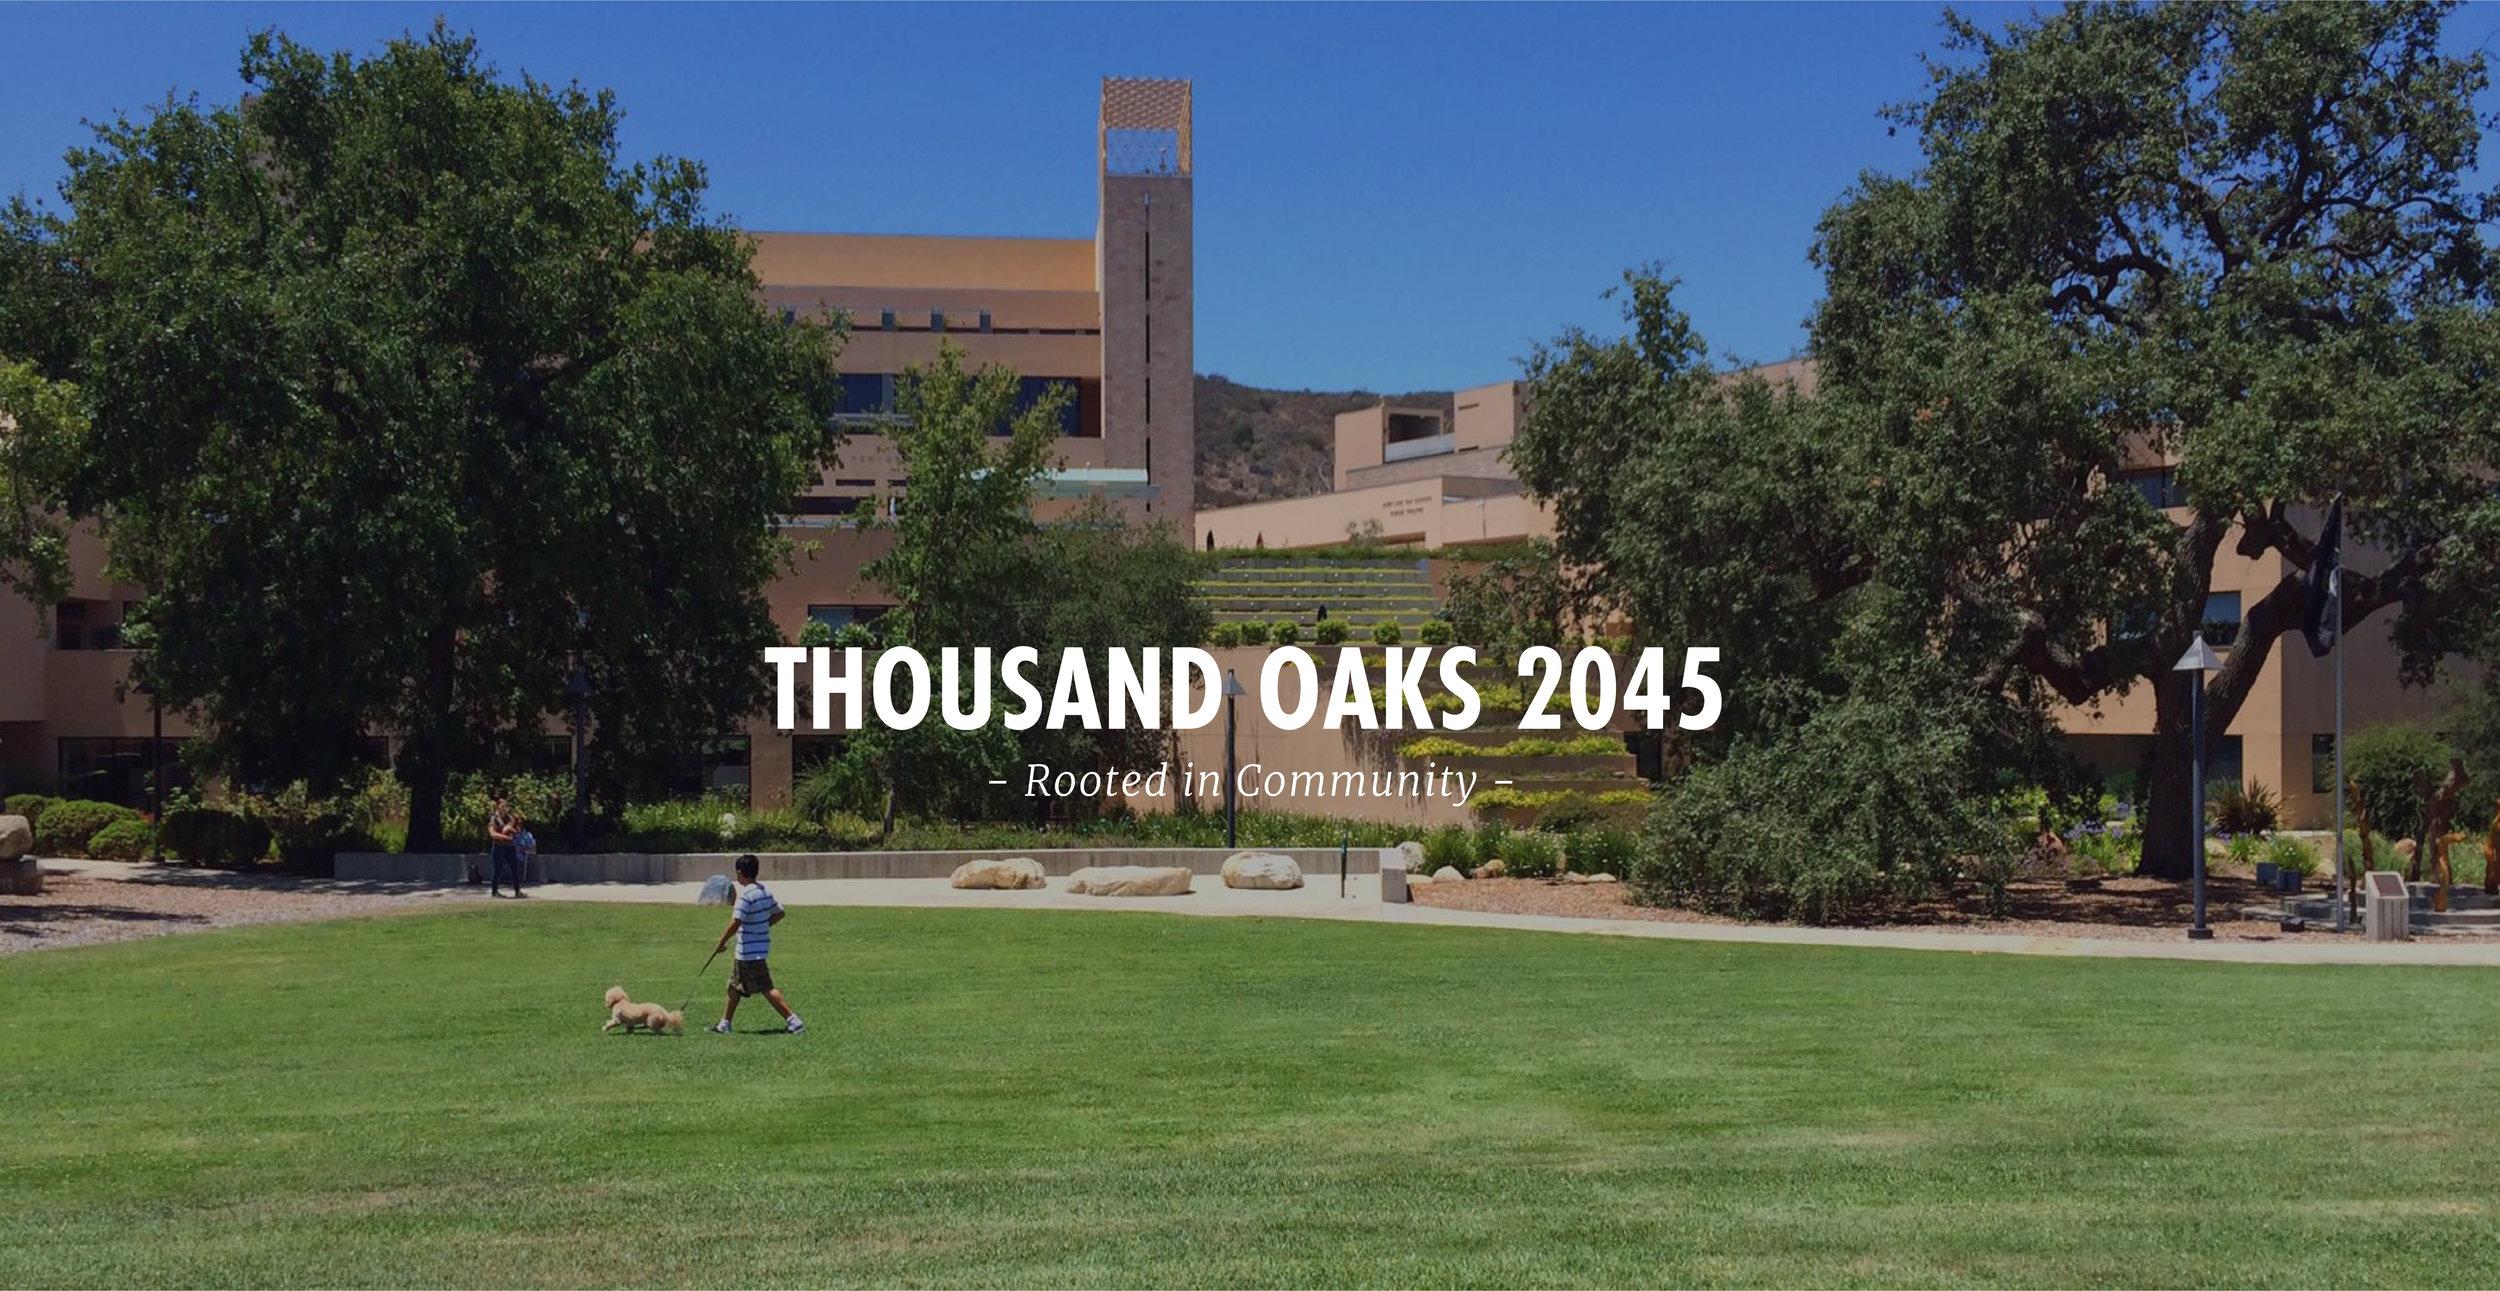 thousand oaks - facebook2.jpg